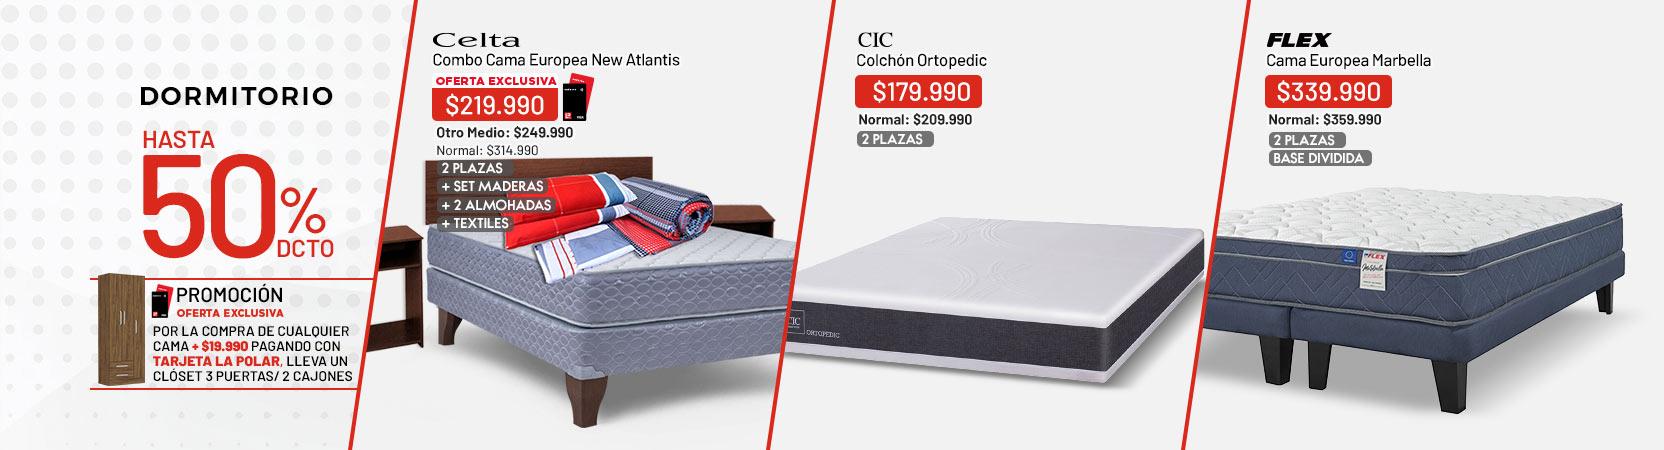 Dormitorio Hasta 50% dcto. Por la compra de cualquier cama + $19.990 pagando con Tarjeta la Polar, llévate un Clóset  3 Puertas 2 Cajones